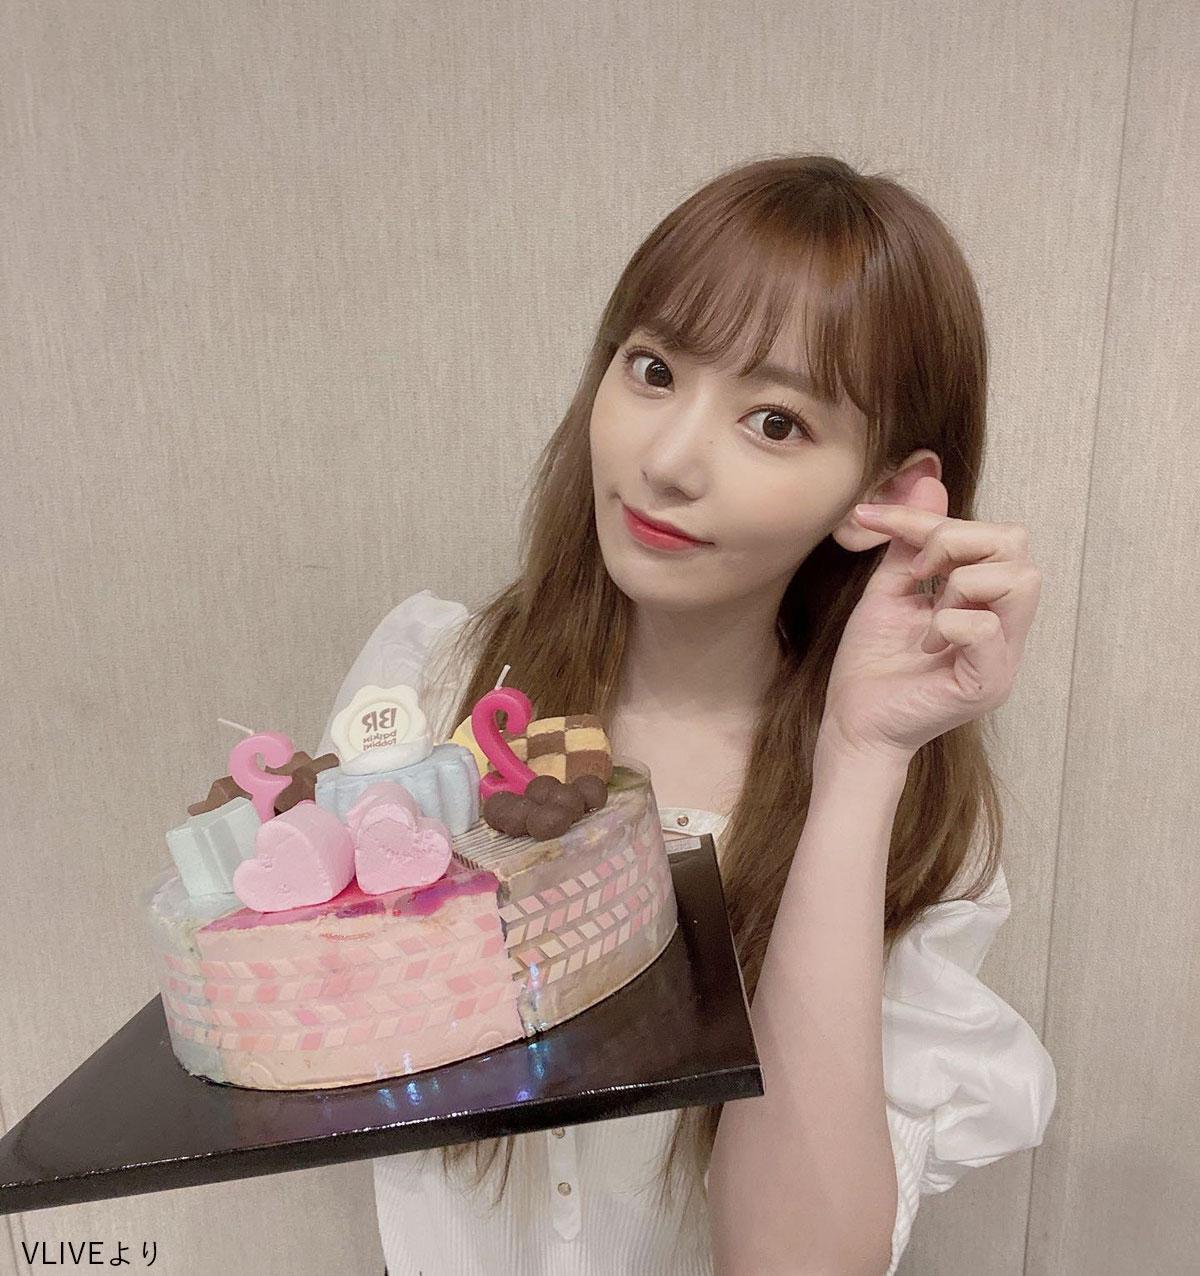 IZ*ONE 22歳の誕生日を迎えた宮脇咲良